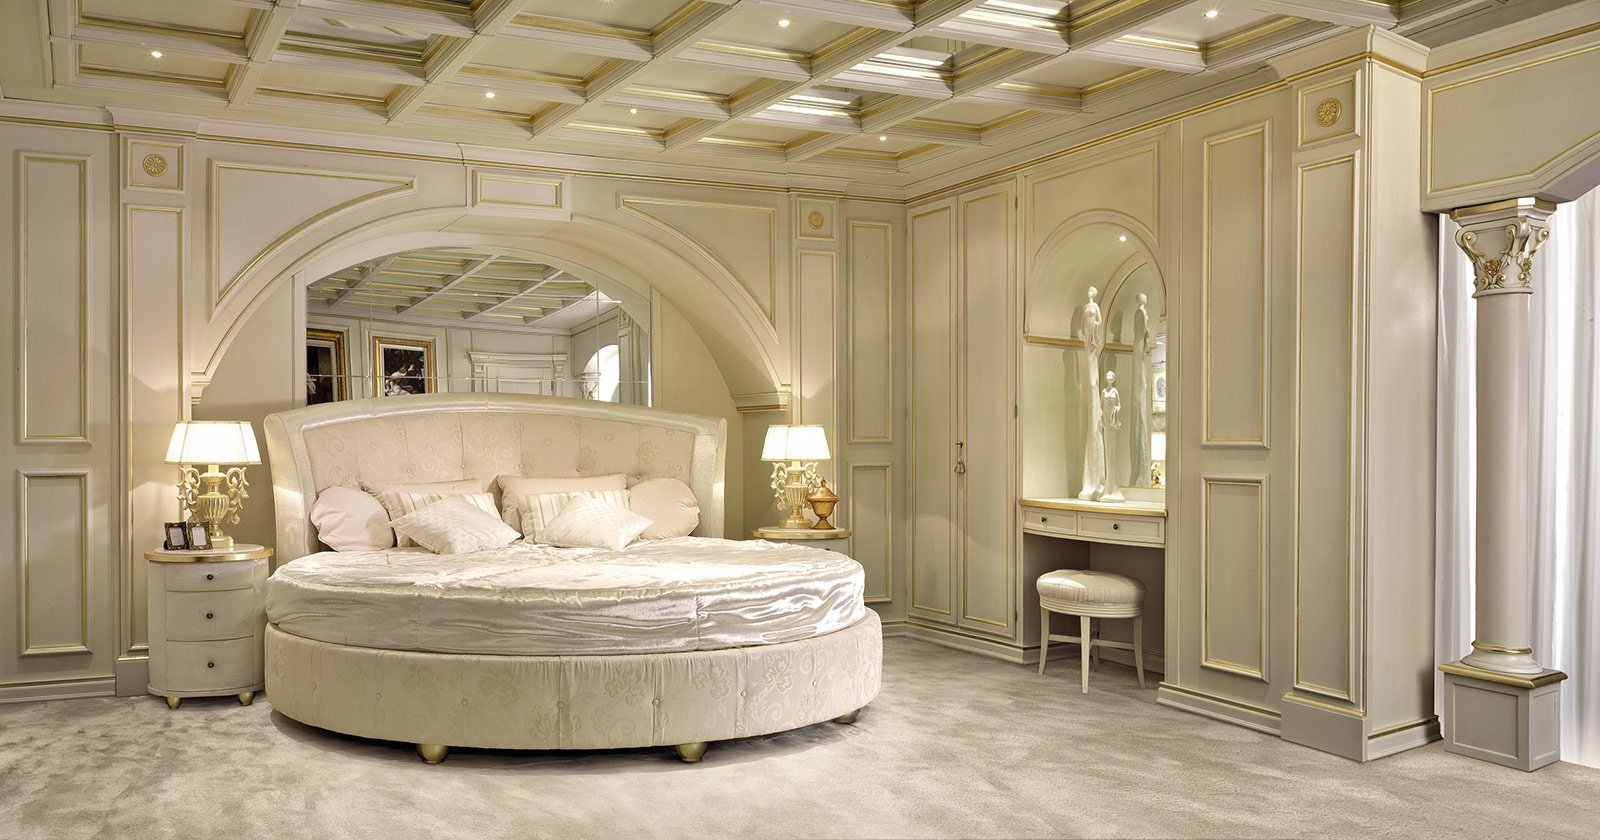 Sontuoso e fiabesco il letto del programma I Lungarni di Signorini ...